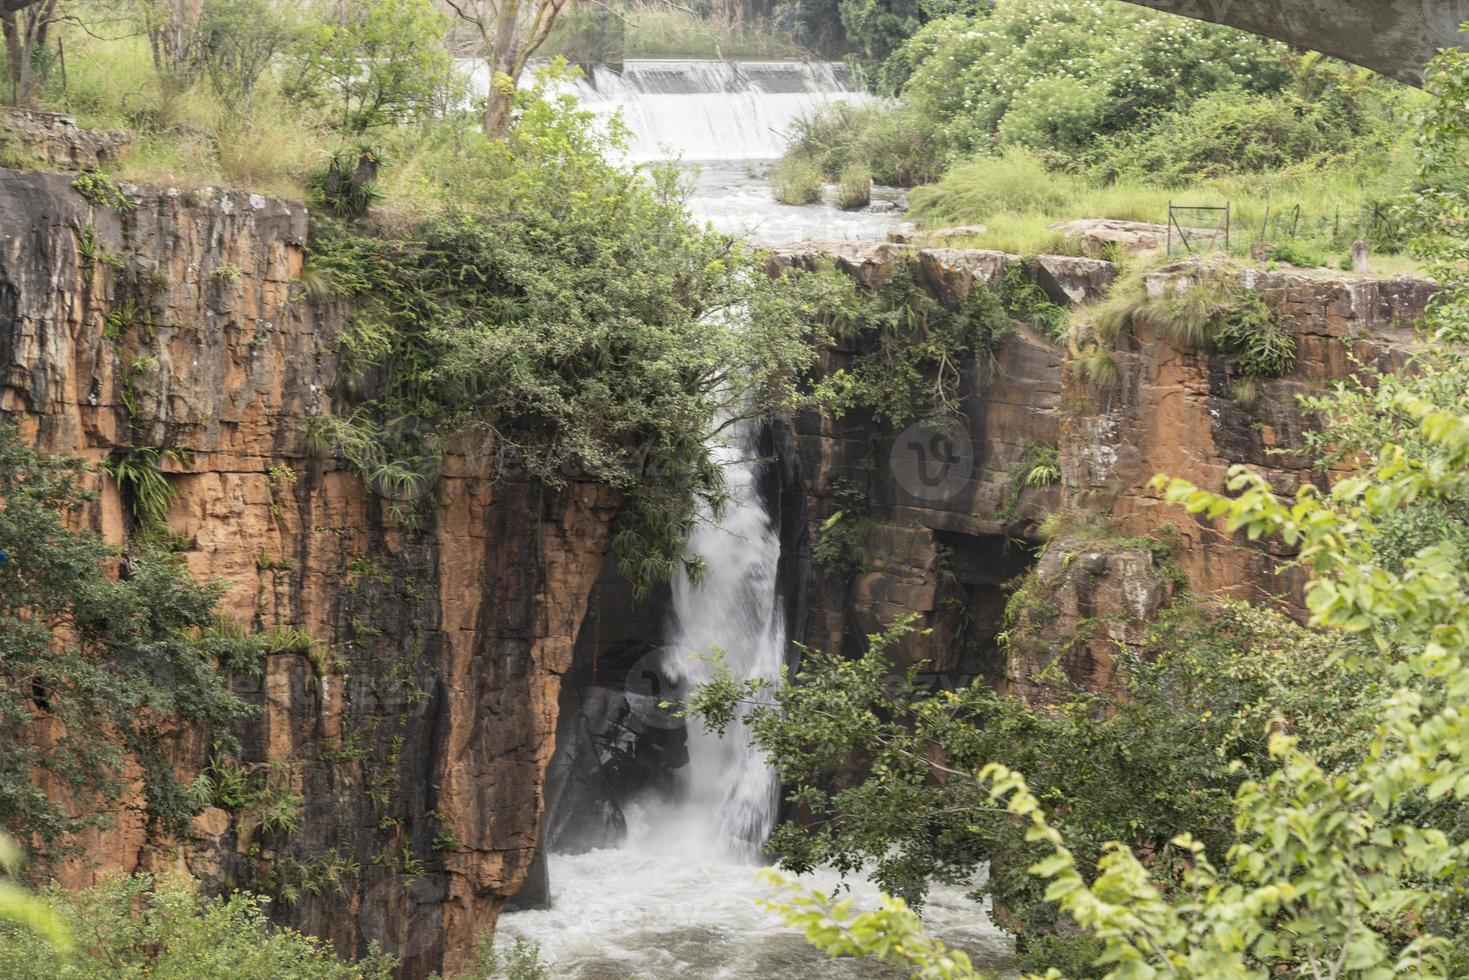 Sabiefalls vattenfall nära Sabie foto